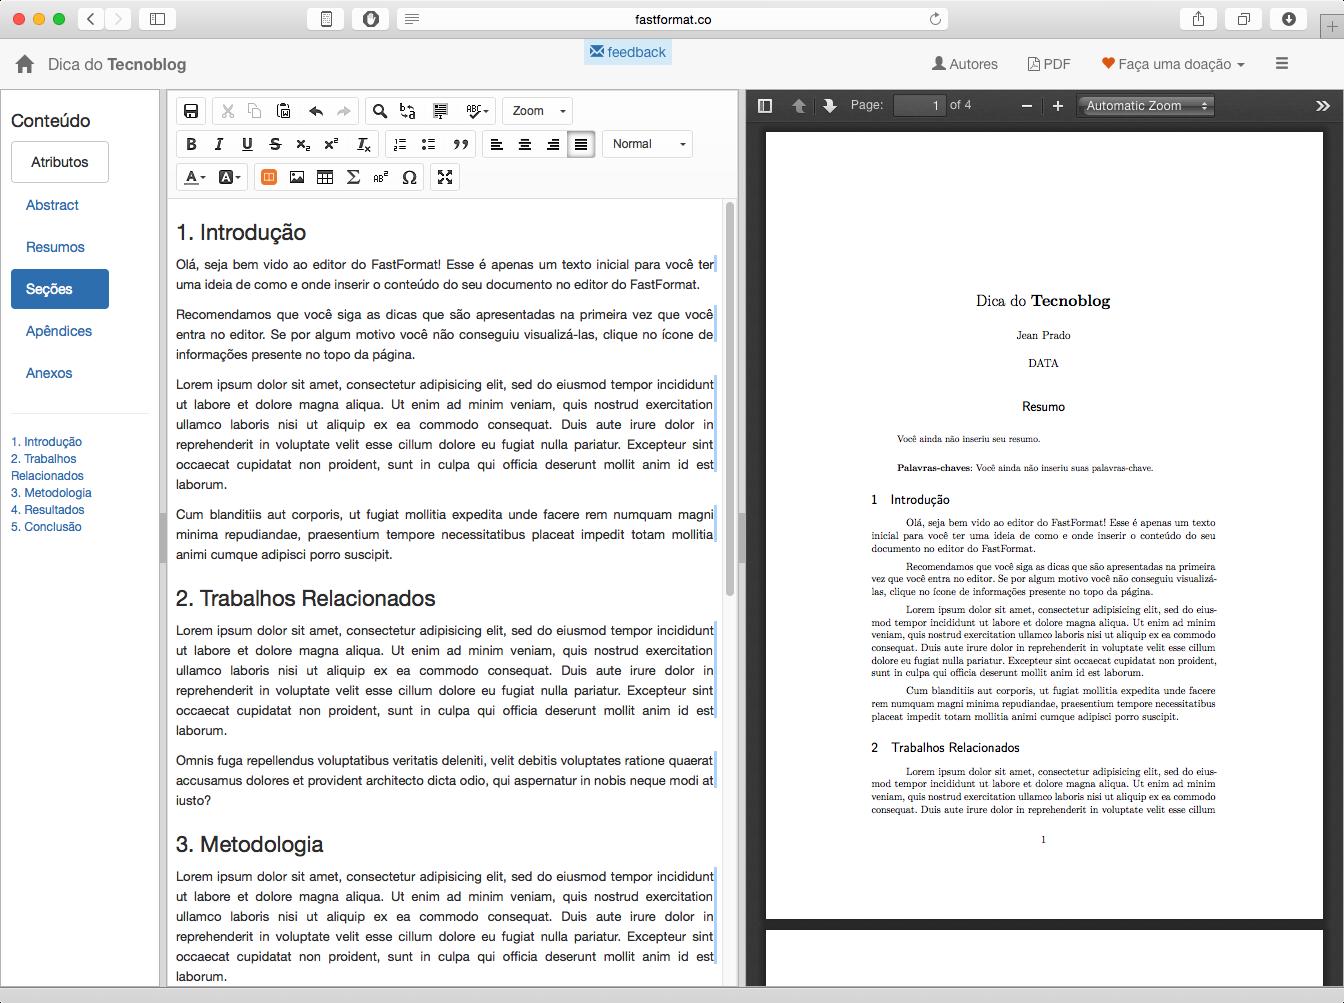 Como padronizar seus trabalhos acadêmicos nas normas ABNT automaticamente - Tecnoblog